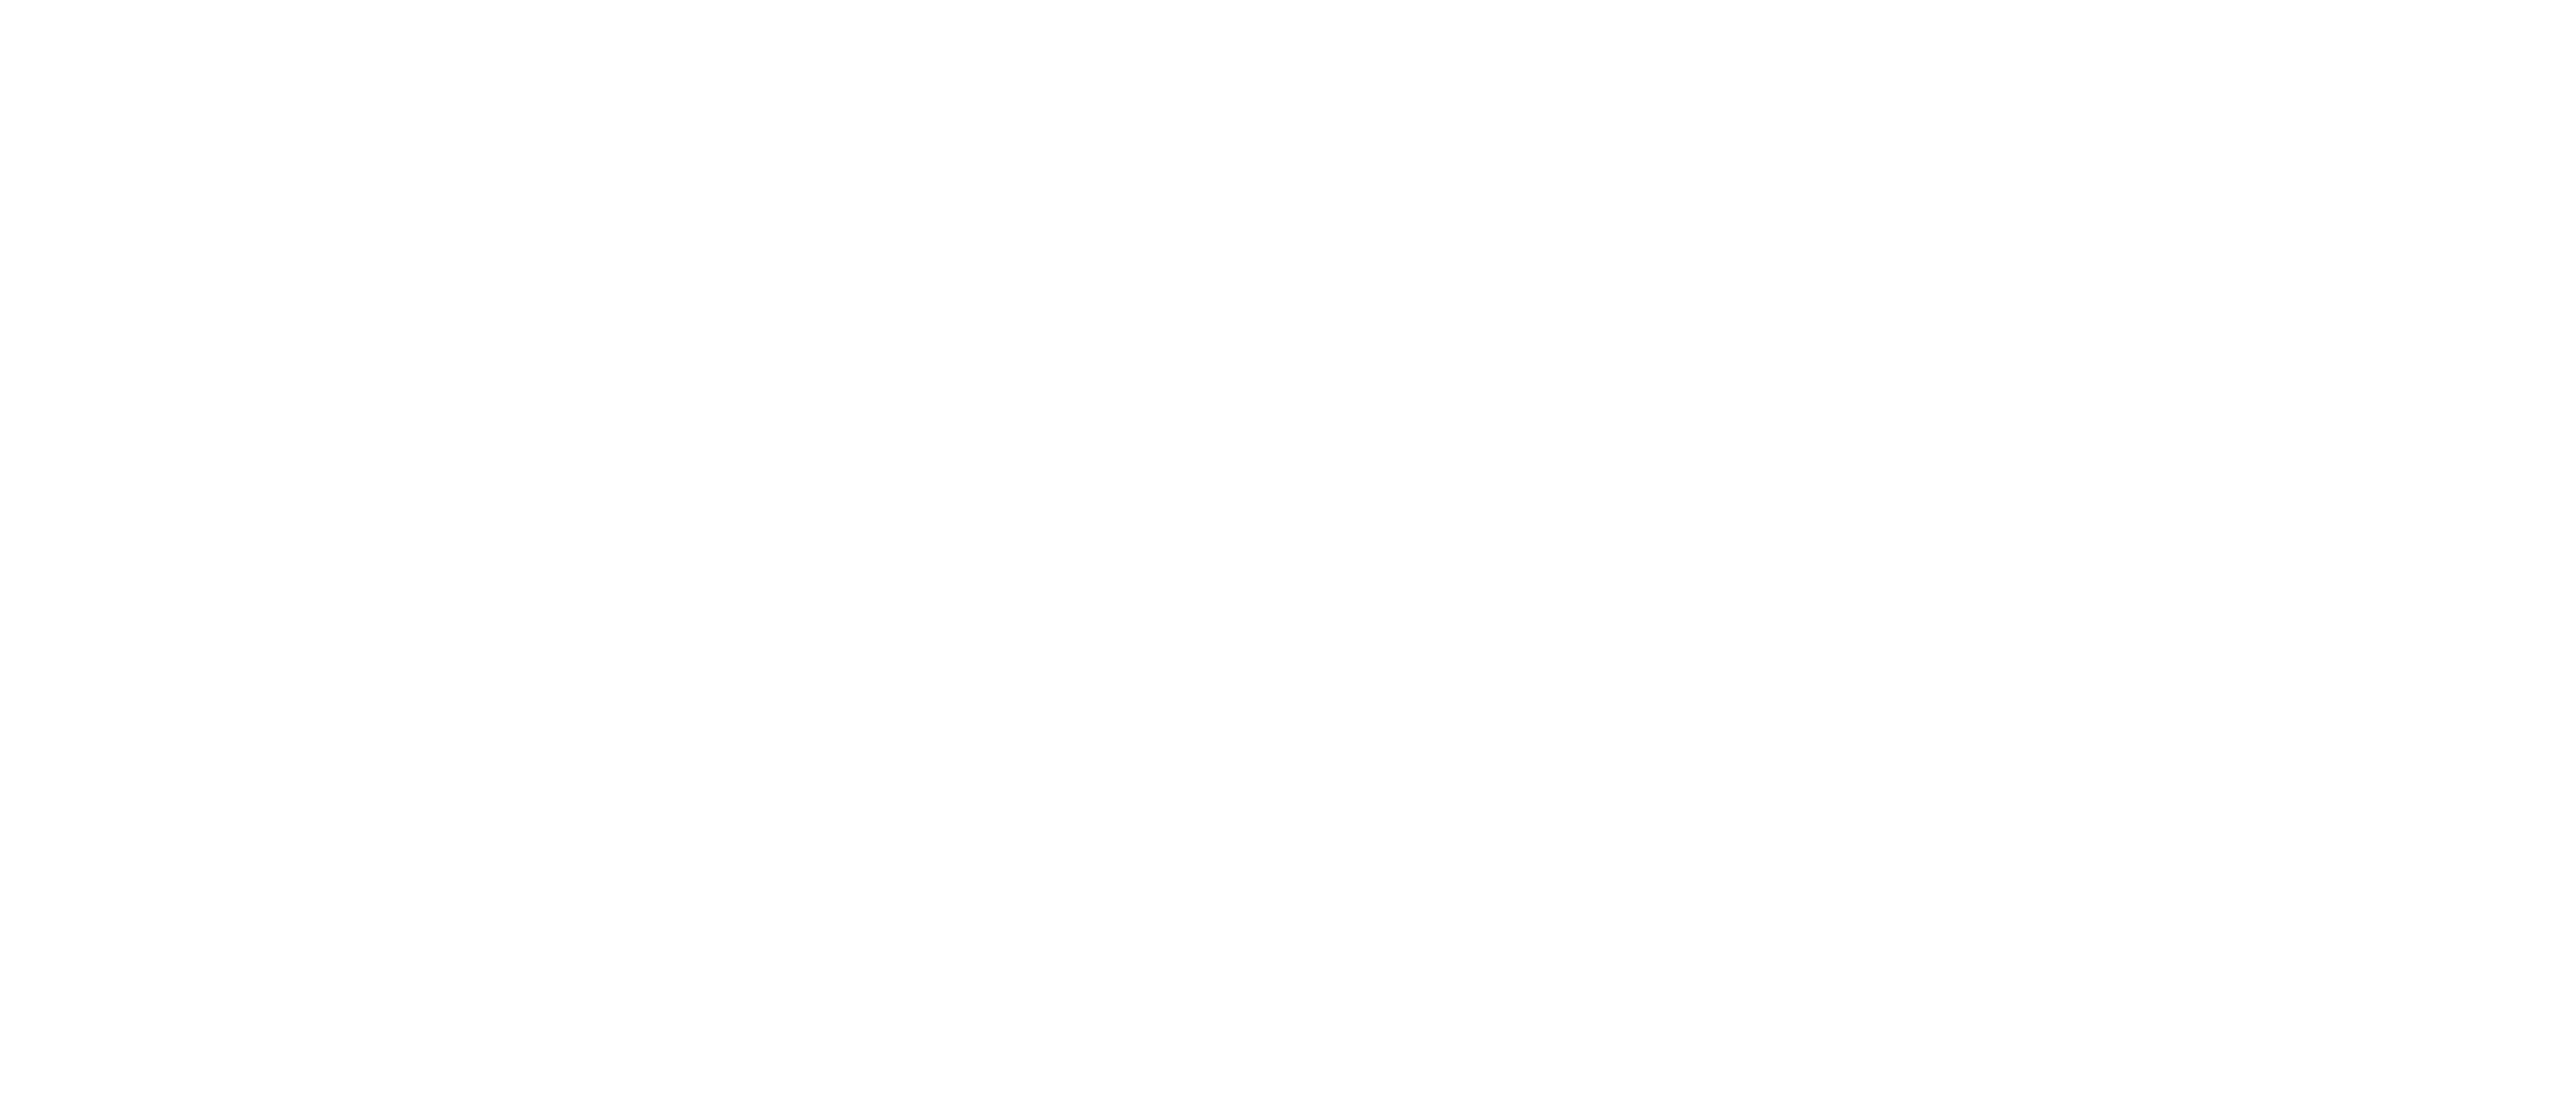 خدمات الغسيل السعودية